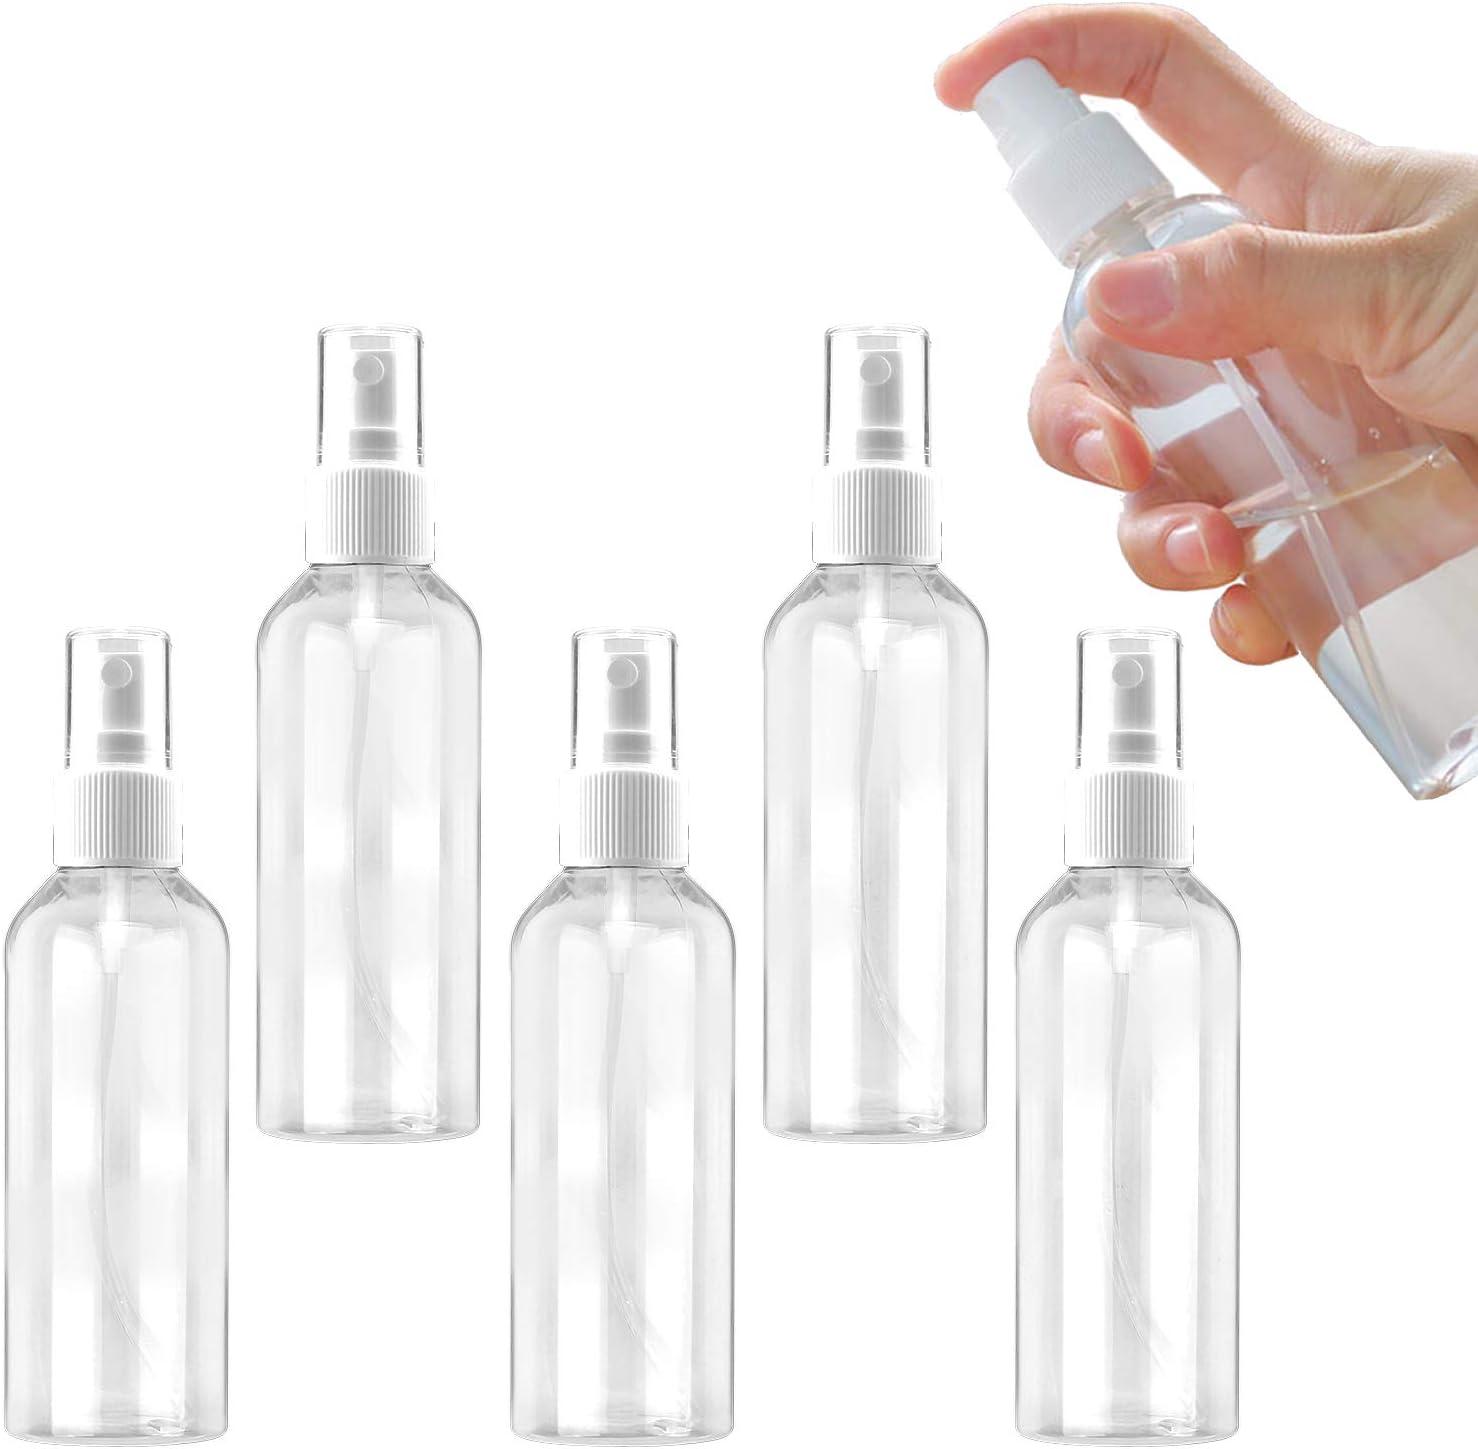 Ossky Bote Spray Botellas Vacía De Plástico Transparentes Contenedor de Pulverizador,Pulverizador Transparente Niebla Fina Atomizador de Viaje Conjunto de Botellas (5 * 100 ML)